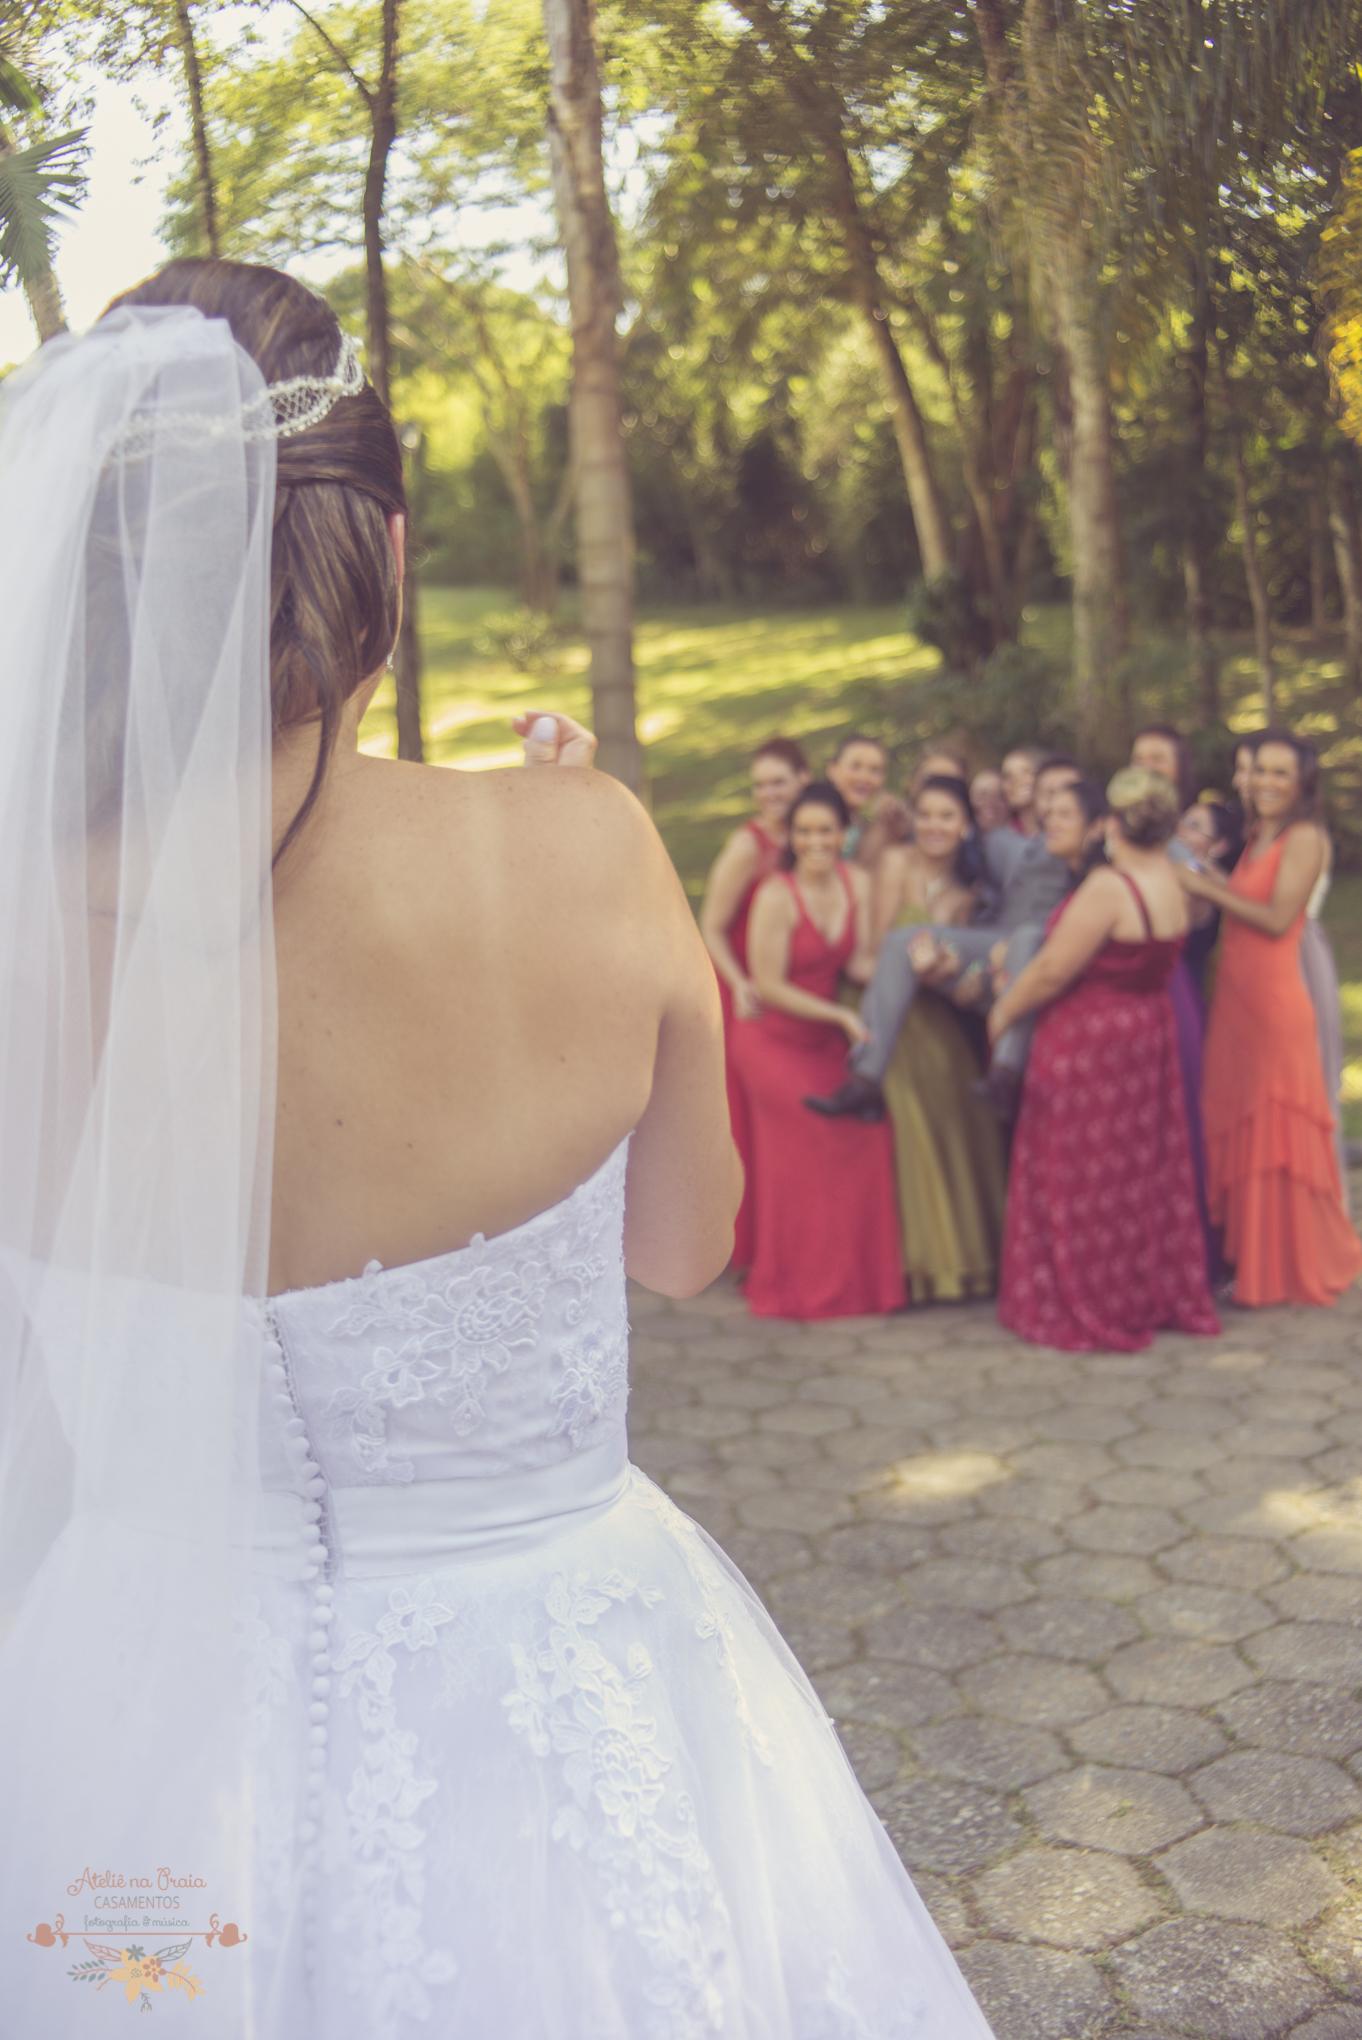 05-Atelie-na-Praia-Casamento-Yasmine-Anderson-4394